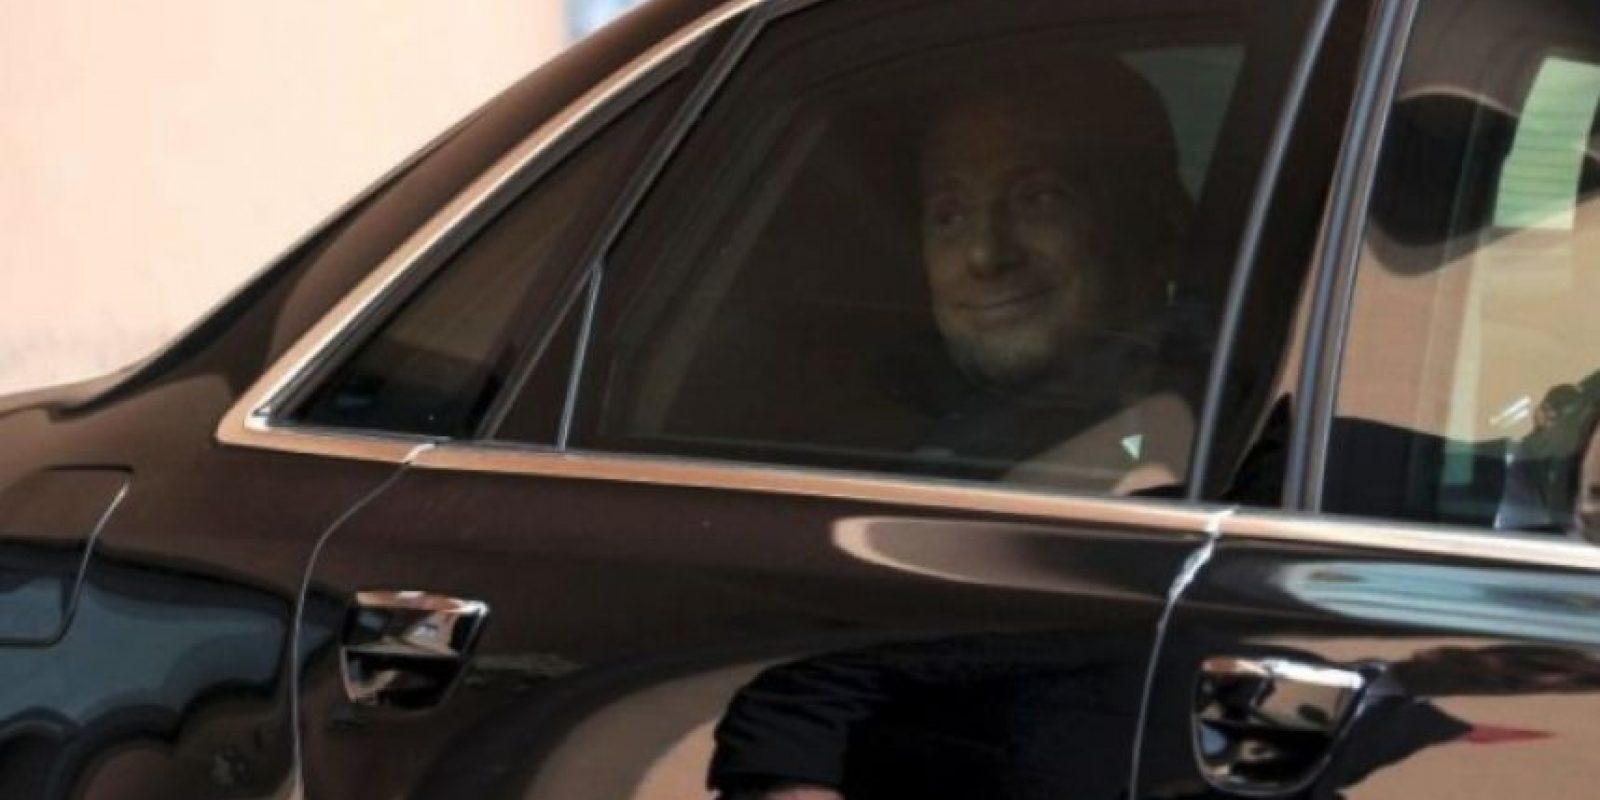 En 2009, el ahora ex presidente del Consejo de Ministros de Italia, se vio envuelto en la polémica cuando medios internacionales publicaron fotos de su fiesta de cumpleaños en la que aparece junto a una joven de 18 años. Foto:Getty Images